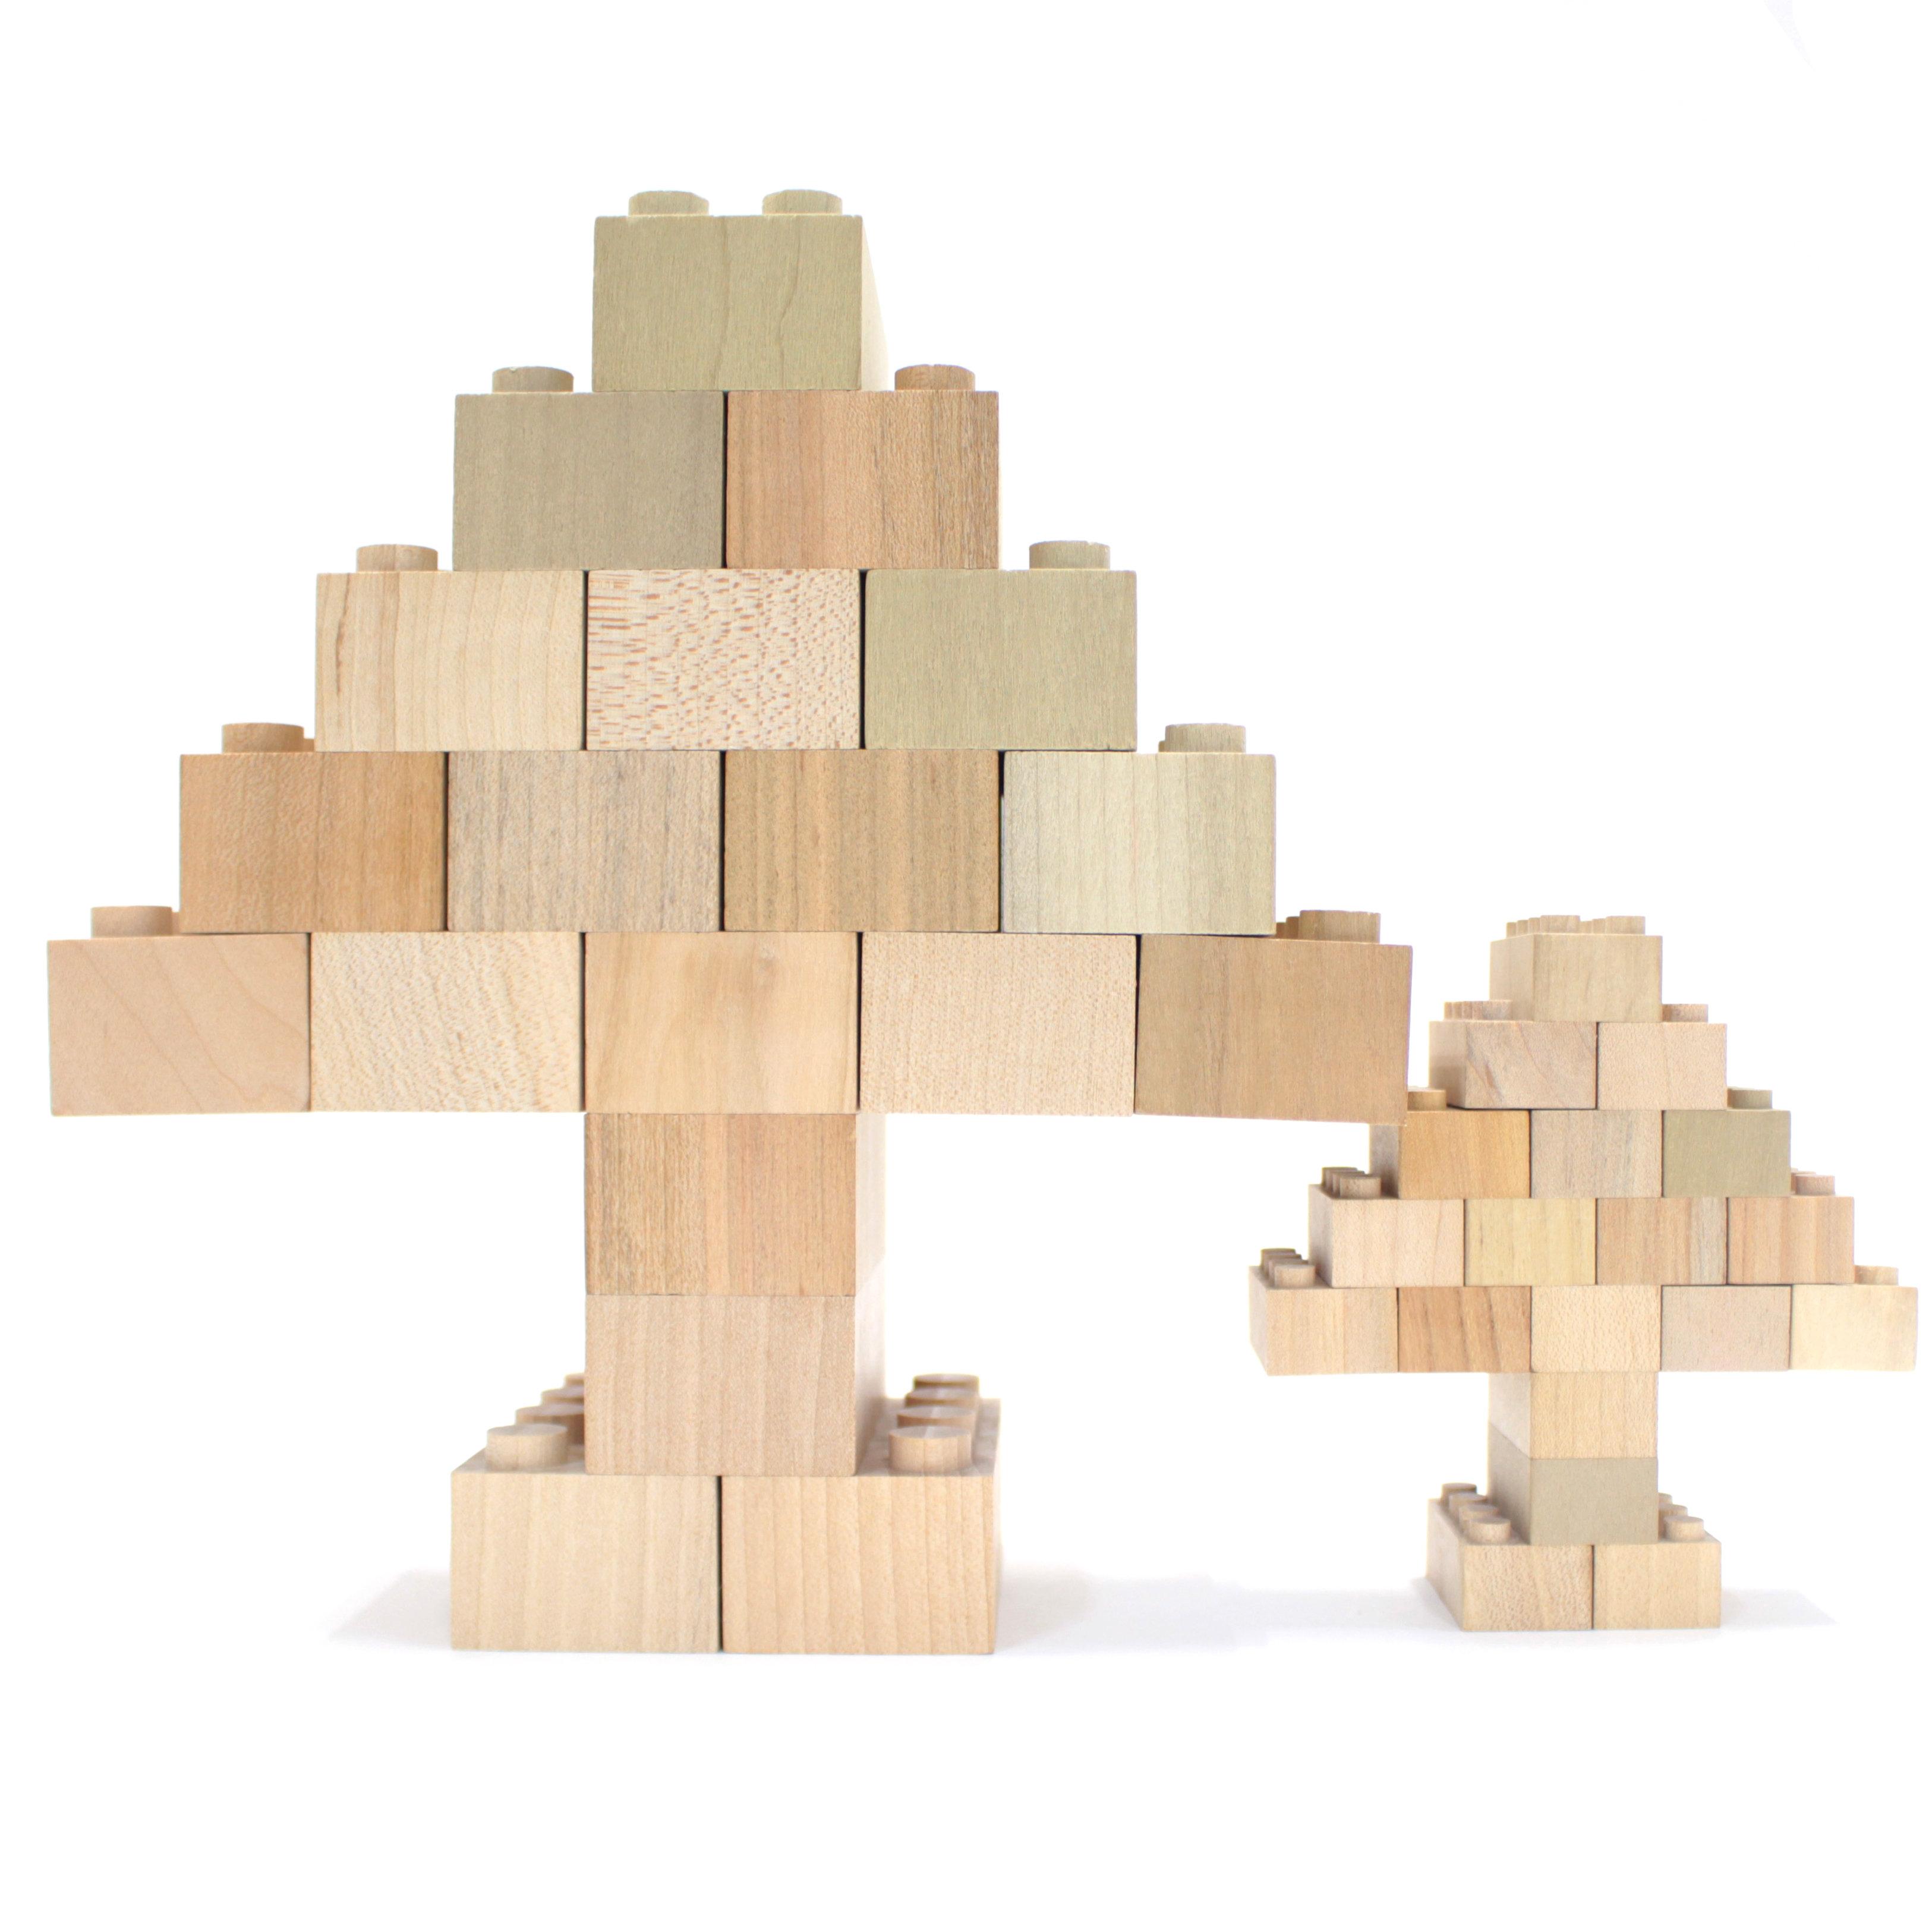 Large Wooden Bricks (28 pieces), Mokulock   madebynature